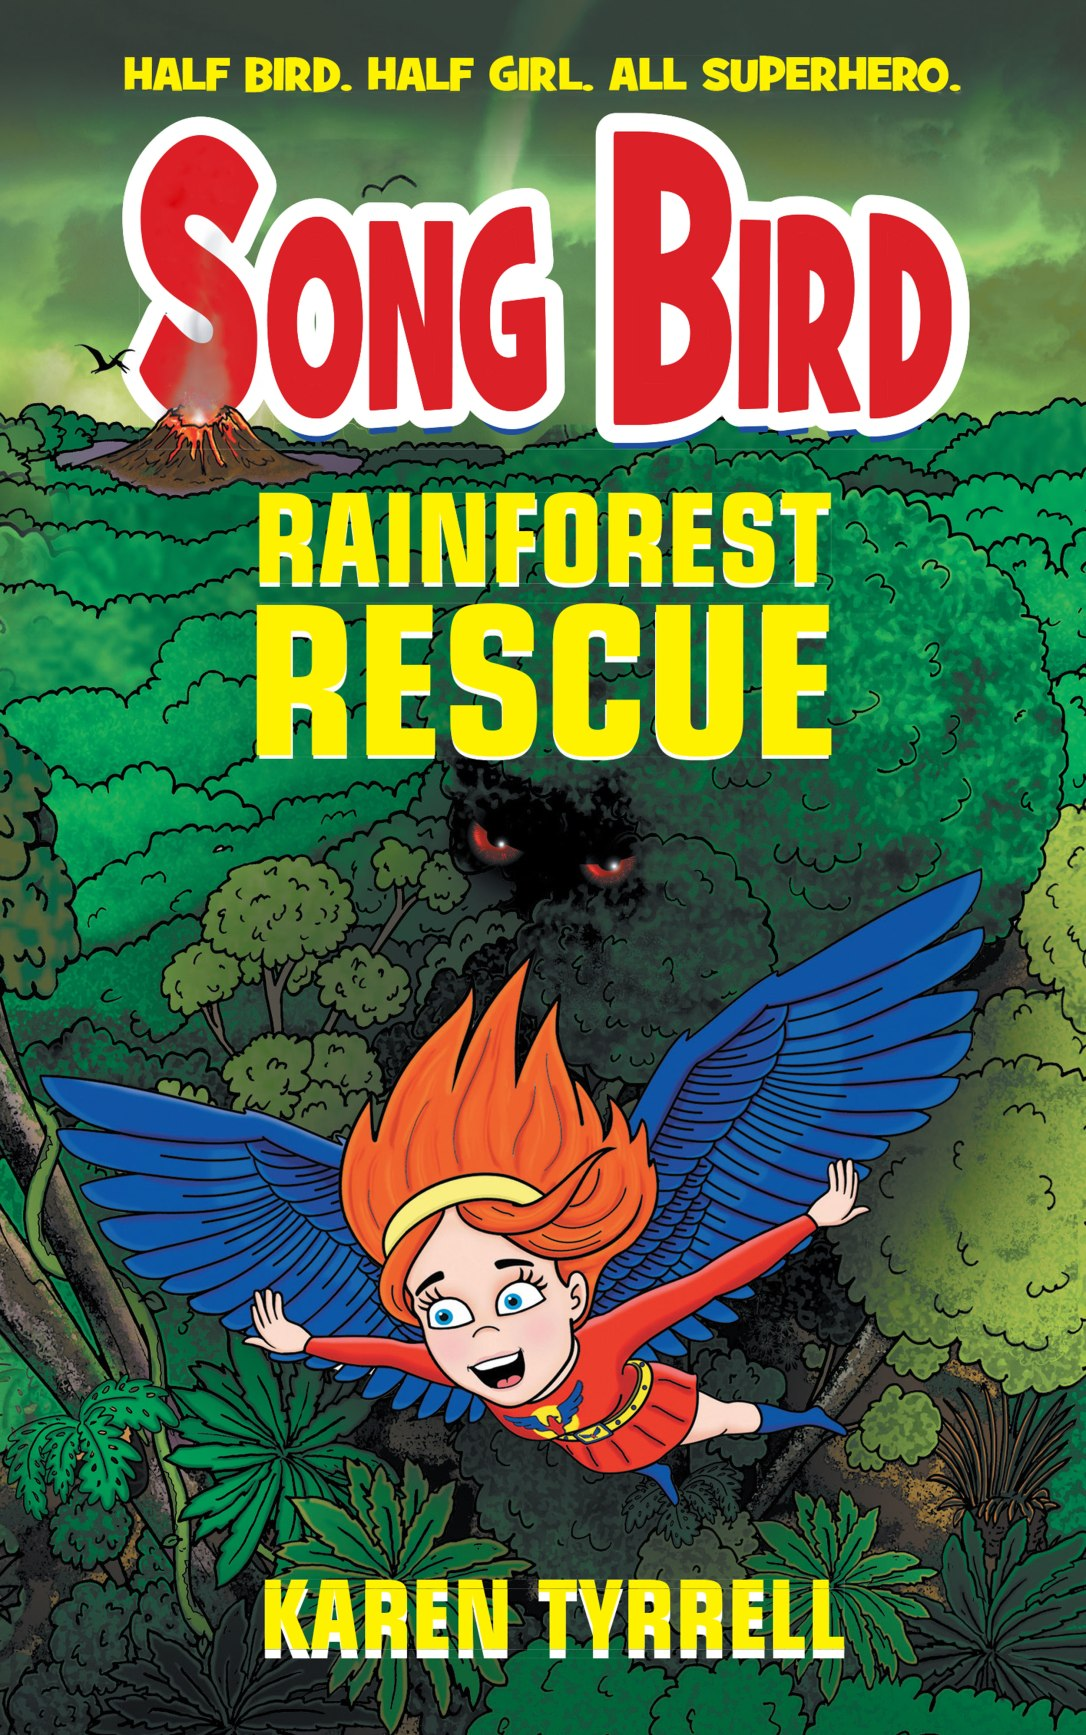 ktyrrell-songbird-rainforest-cover-ebook-catalogue